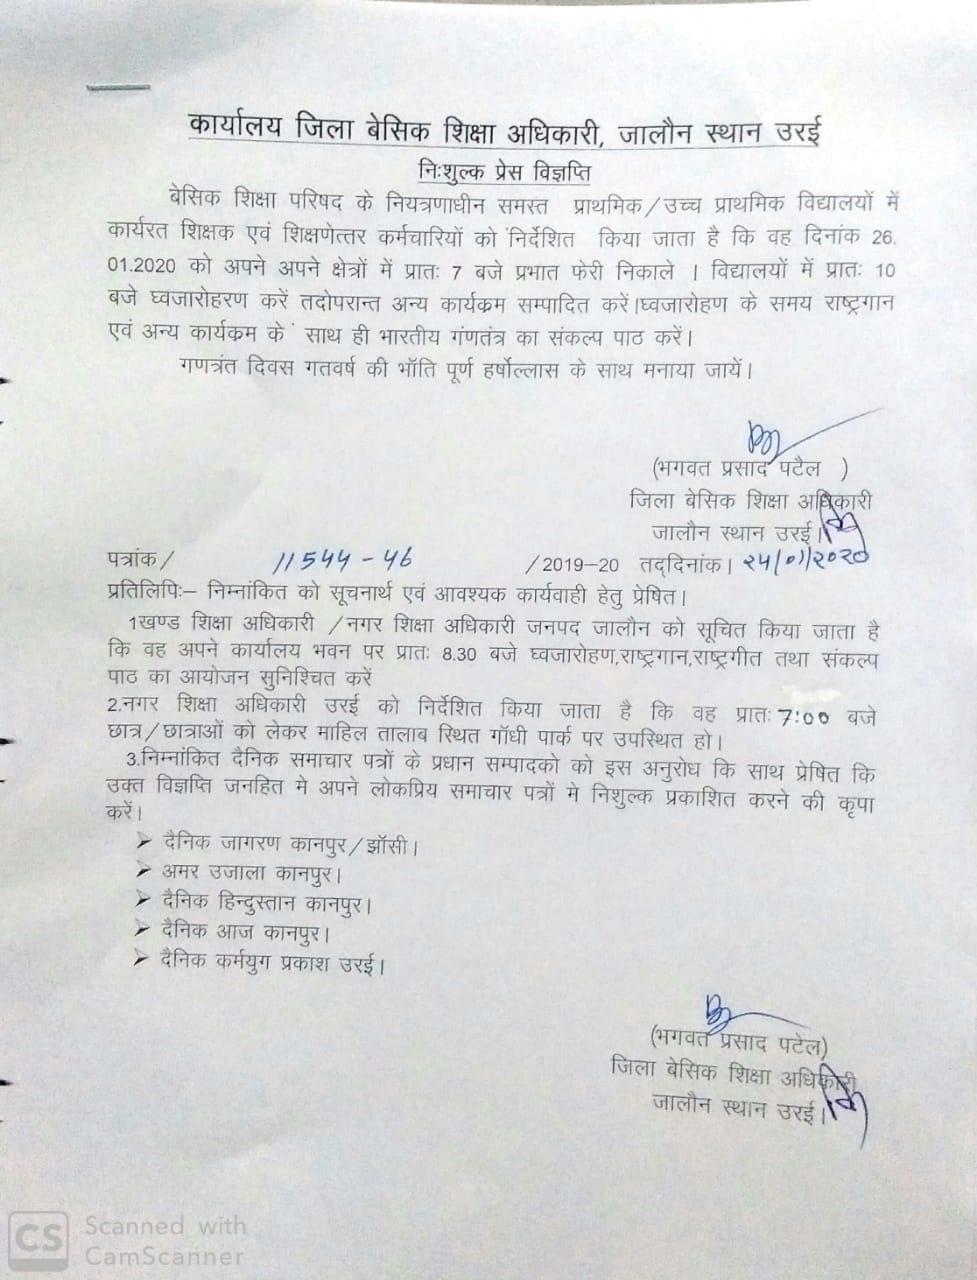 जालौन: परिषदीय विद्यालयों में 26 जनवरी को अपने-अपने क्षेत्रों में प्रातः 7:00 बजे प्रभात फेरी निकालने के संबंध में आदेश जारी